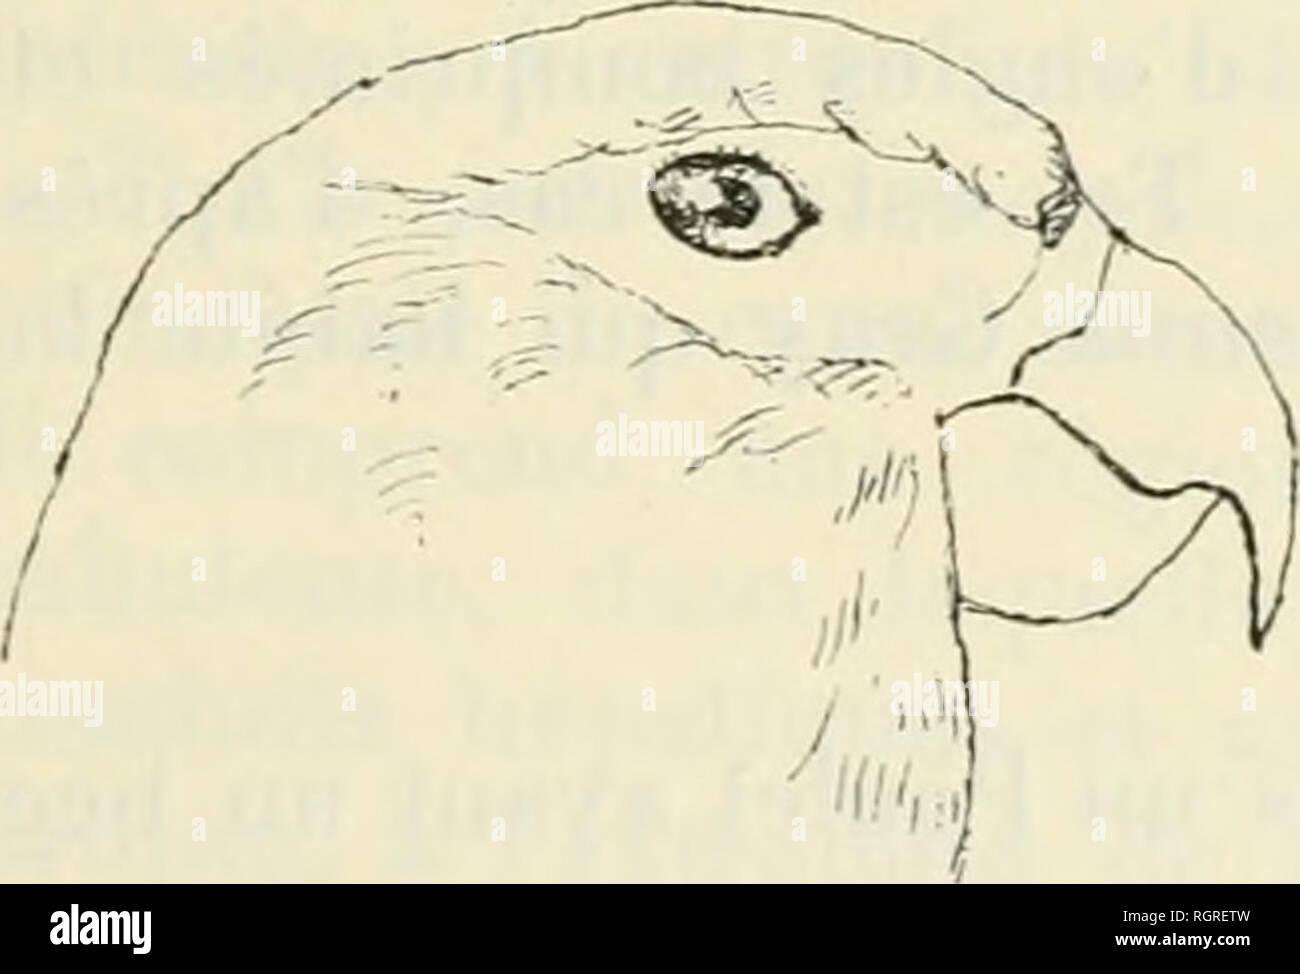 . Bulletin de la Société zoologique de France. Zoology. SÃANCE DU 24 DKCE.MllllK 1907 165 3. _ Gk^k,,: ELMINIUS E. plicatus J. E. Gray. Sur coquille d'IIiiitre. Rochers des Praslins et sur fraguients de roches provenant des iles CoÃ«livy (archipel des Seychelles). E. simplex Darw. Sur lube de Serpulien. Rochers de Car- gados Carajos. 4. - Genrk CREUSIA. C. sphiulosa Leach; Sur Madrépores. Banc de Saya de Malha, par oO mètres de fond. SUR UNE PERRUCHE PRÃSENTANT UNE CURIEUSE DÃFORMATION DU BEC PAR E. TROUESSART M. Trouessart présente, de la part de M, Petit ahié, qui s'excuse de ne pouvoi Stock Photo